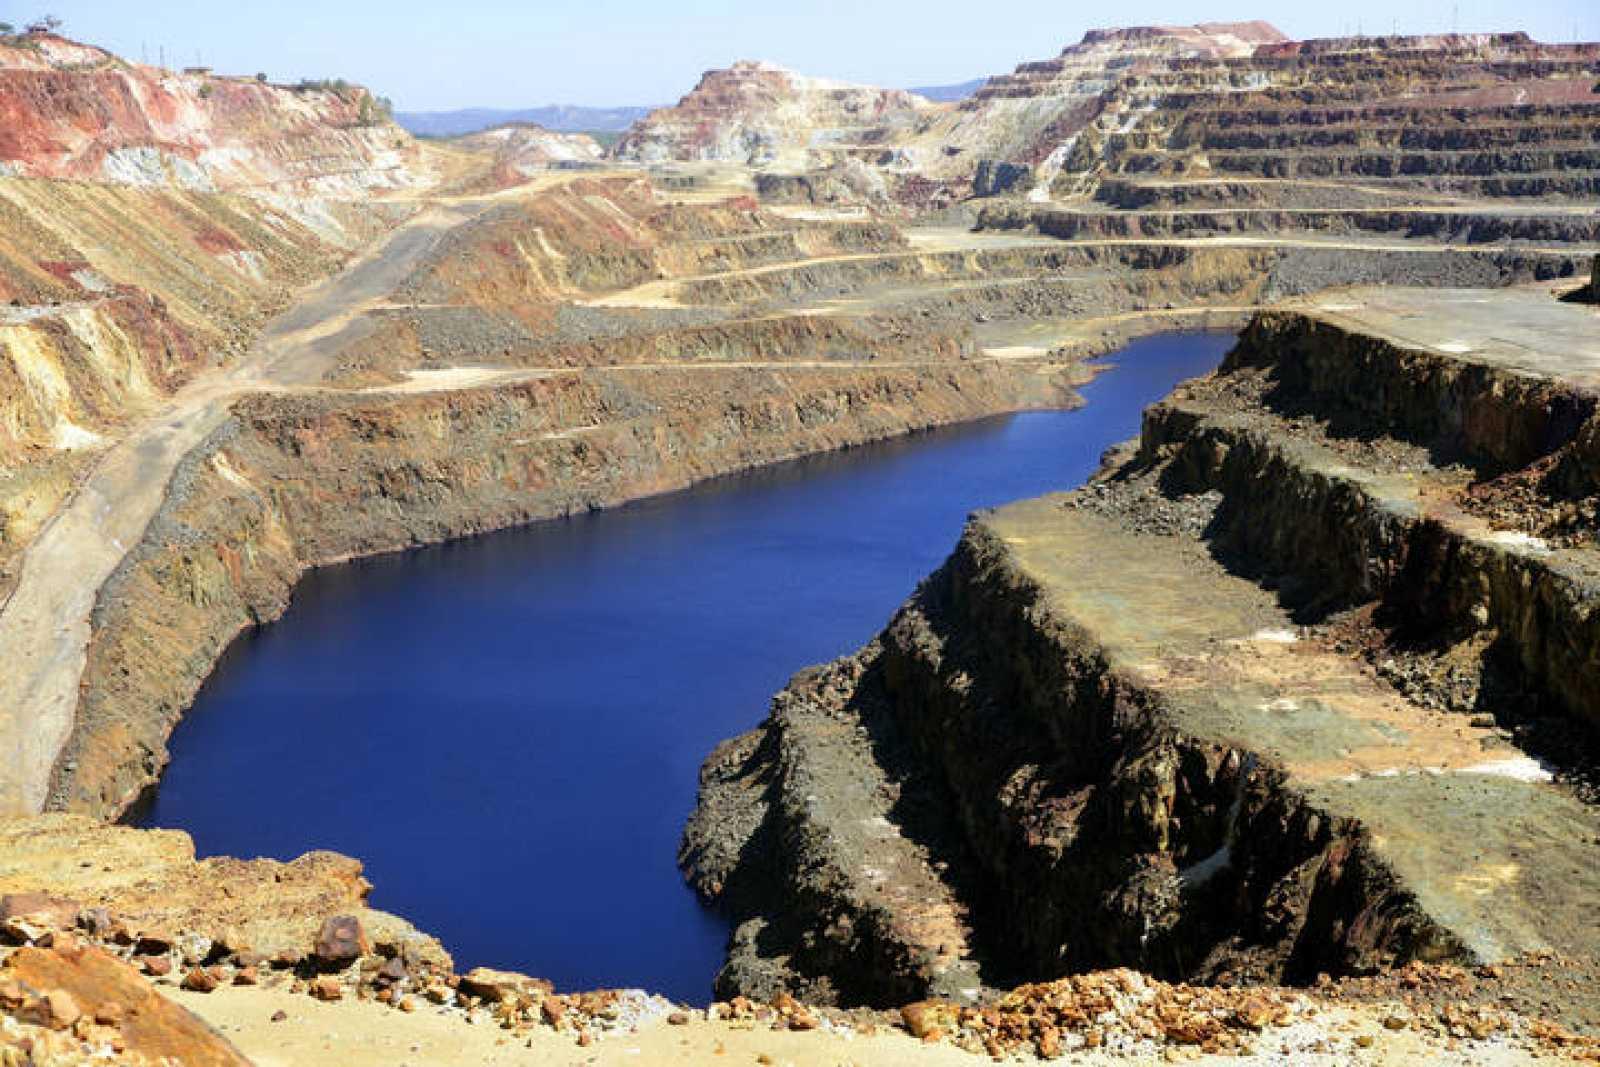 Las minas de Riotinto, que ya no están en explotación, no son la causa de la acidez del río Tinto.